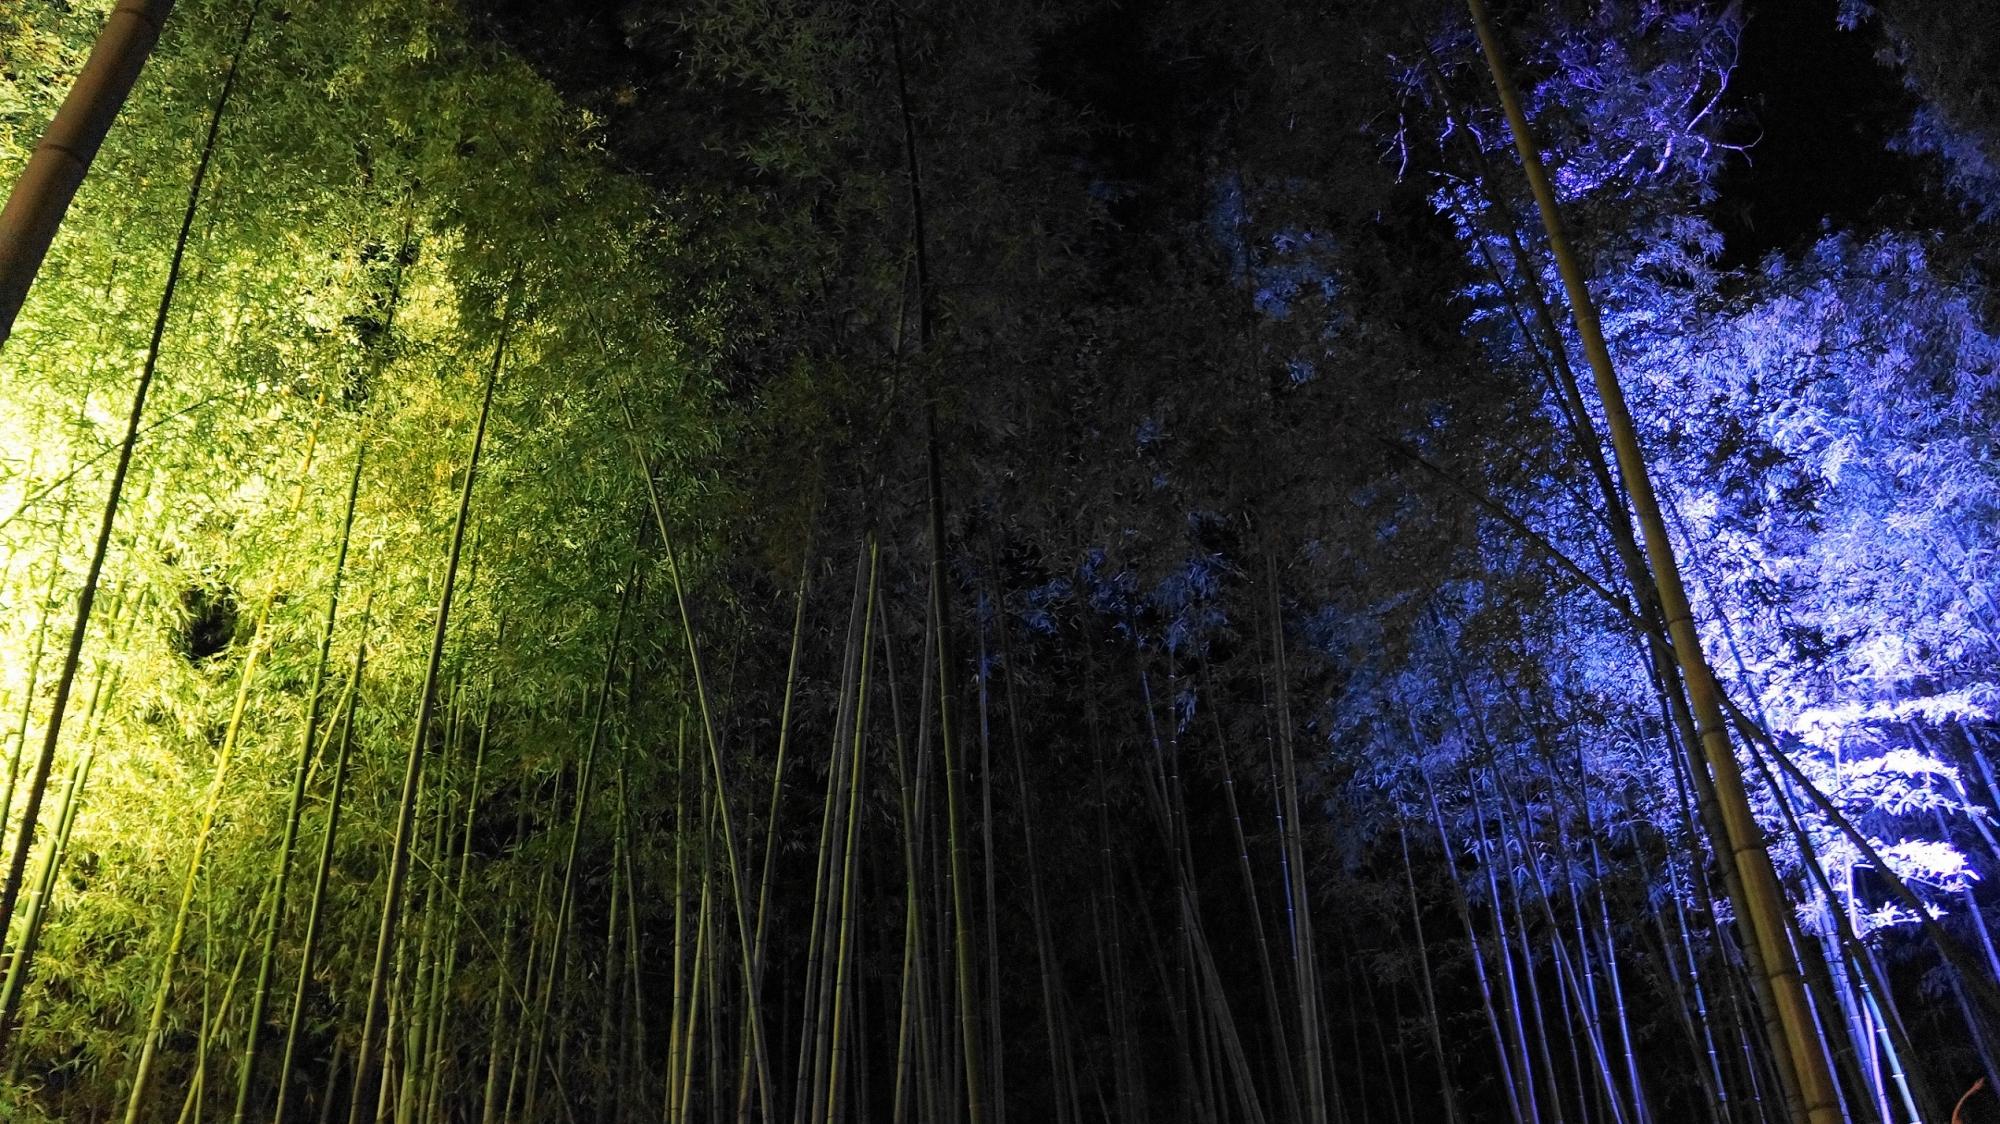 嵐山花灯路の美しい青色の竹林ライトアップ